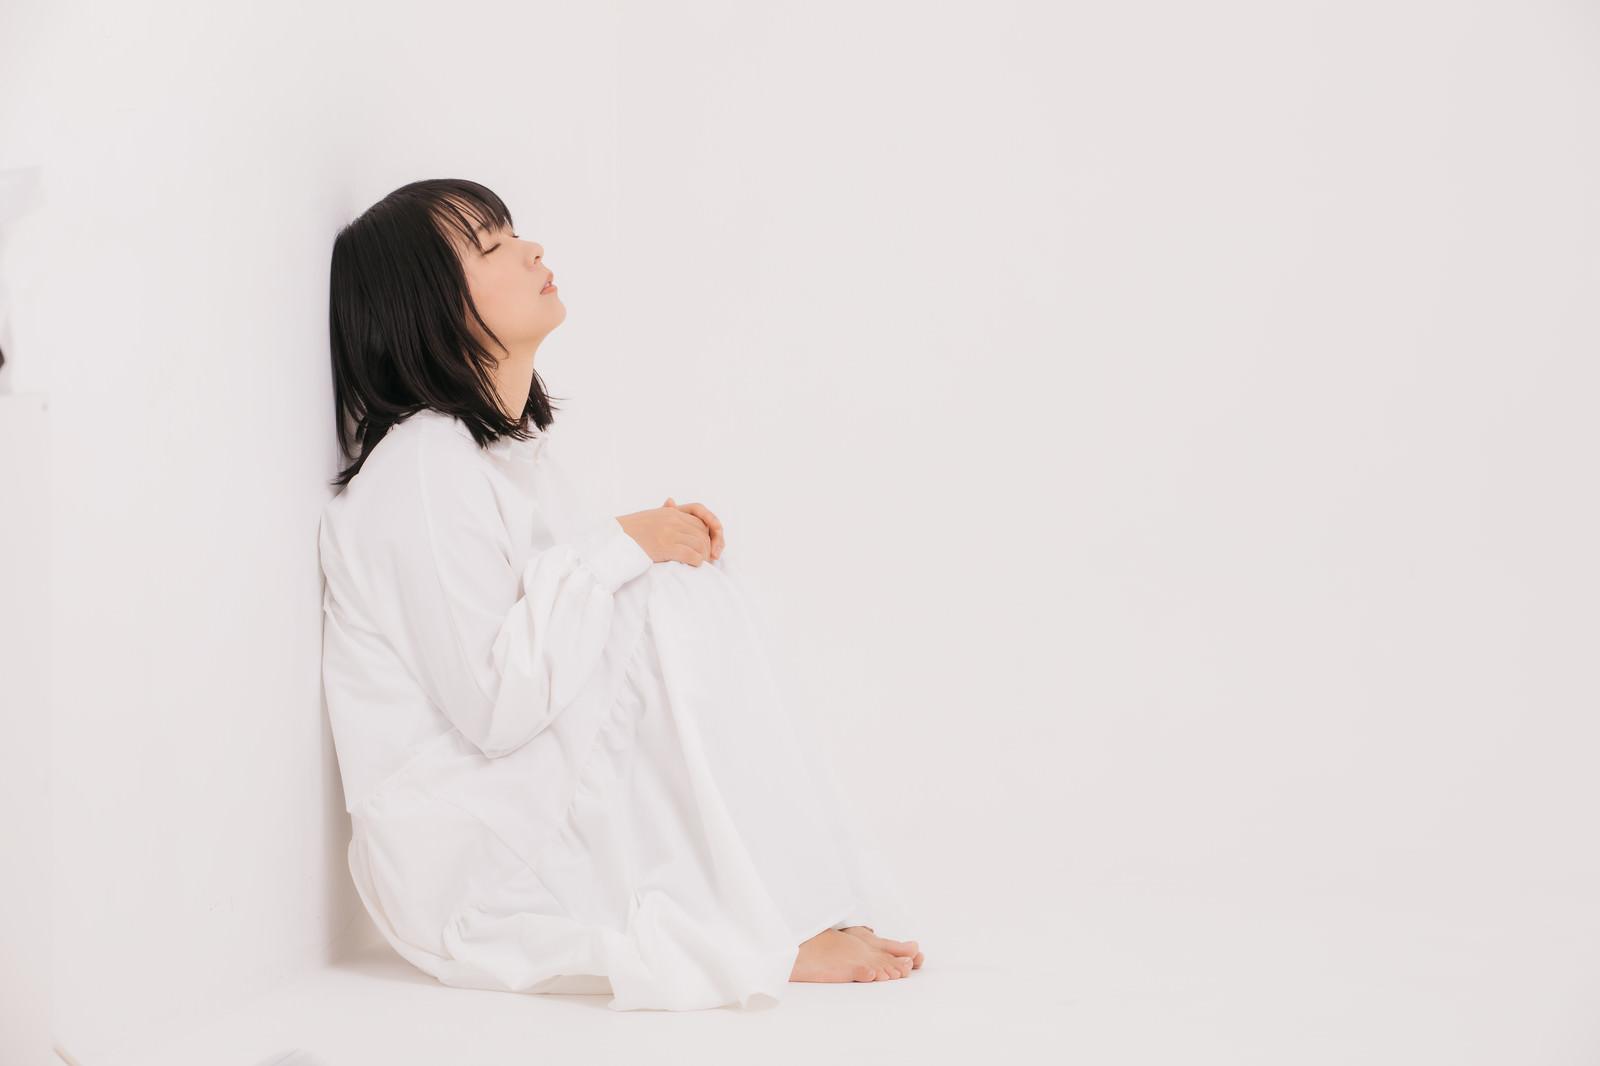 「壁に寄りかかって寝落ちする女性」の写真[モデル:にゃるる]